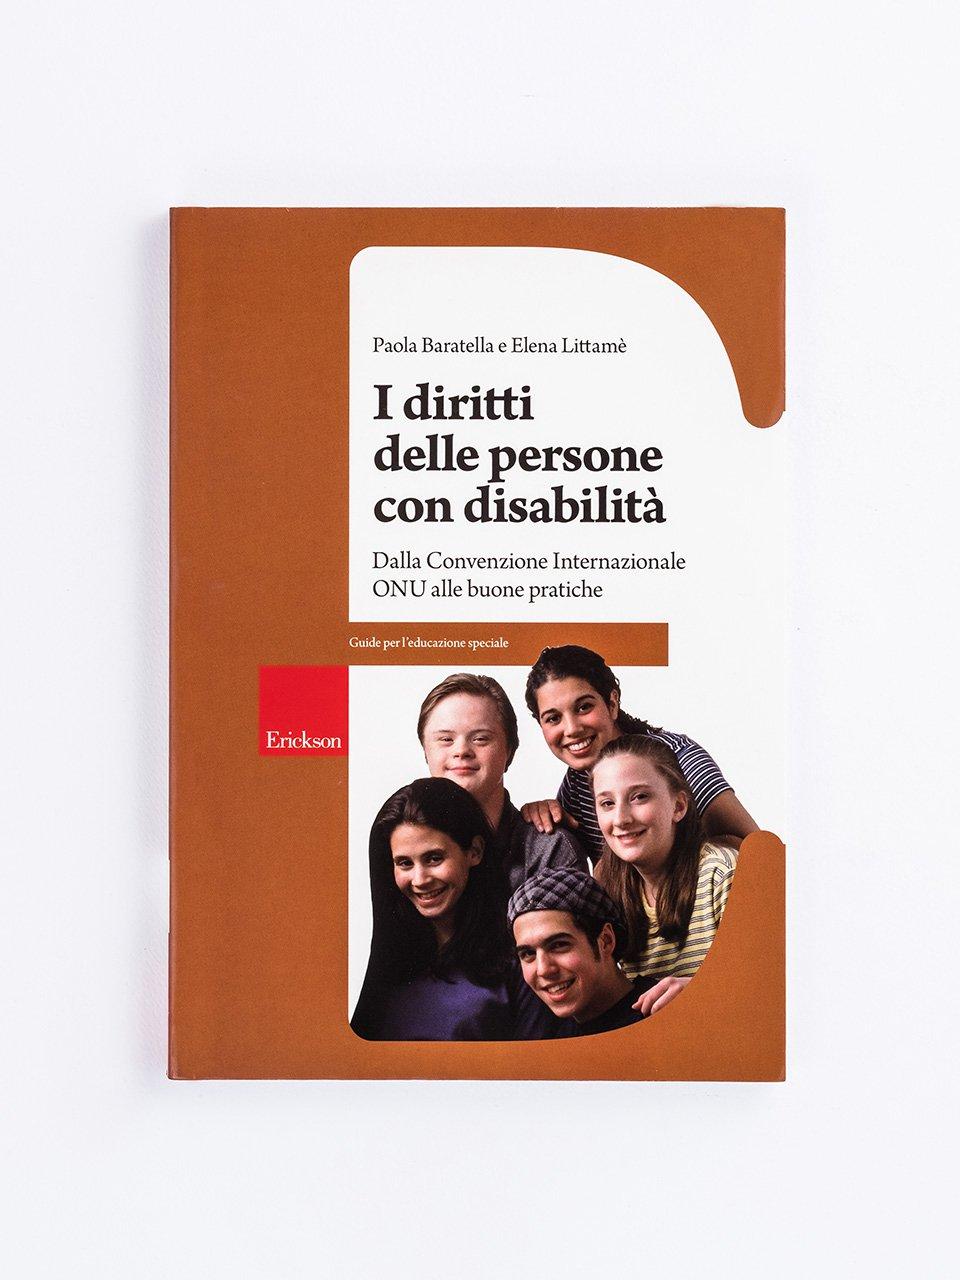 I diritti delle persone con disabilità - Disabilità e società - Libri - Erickson